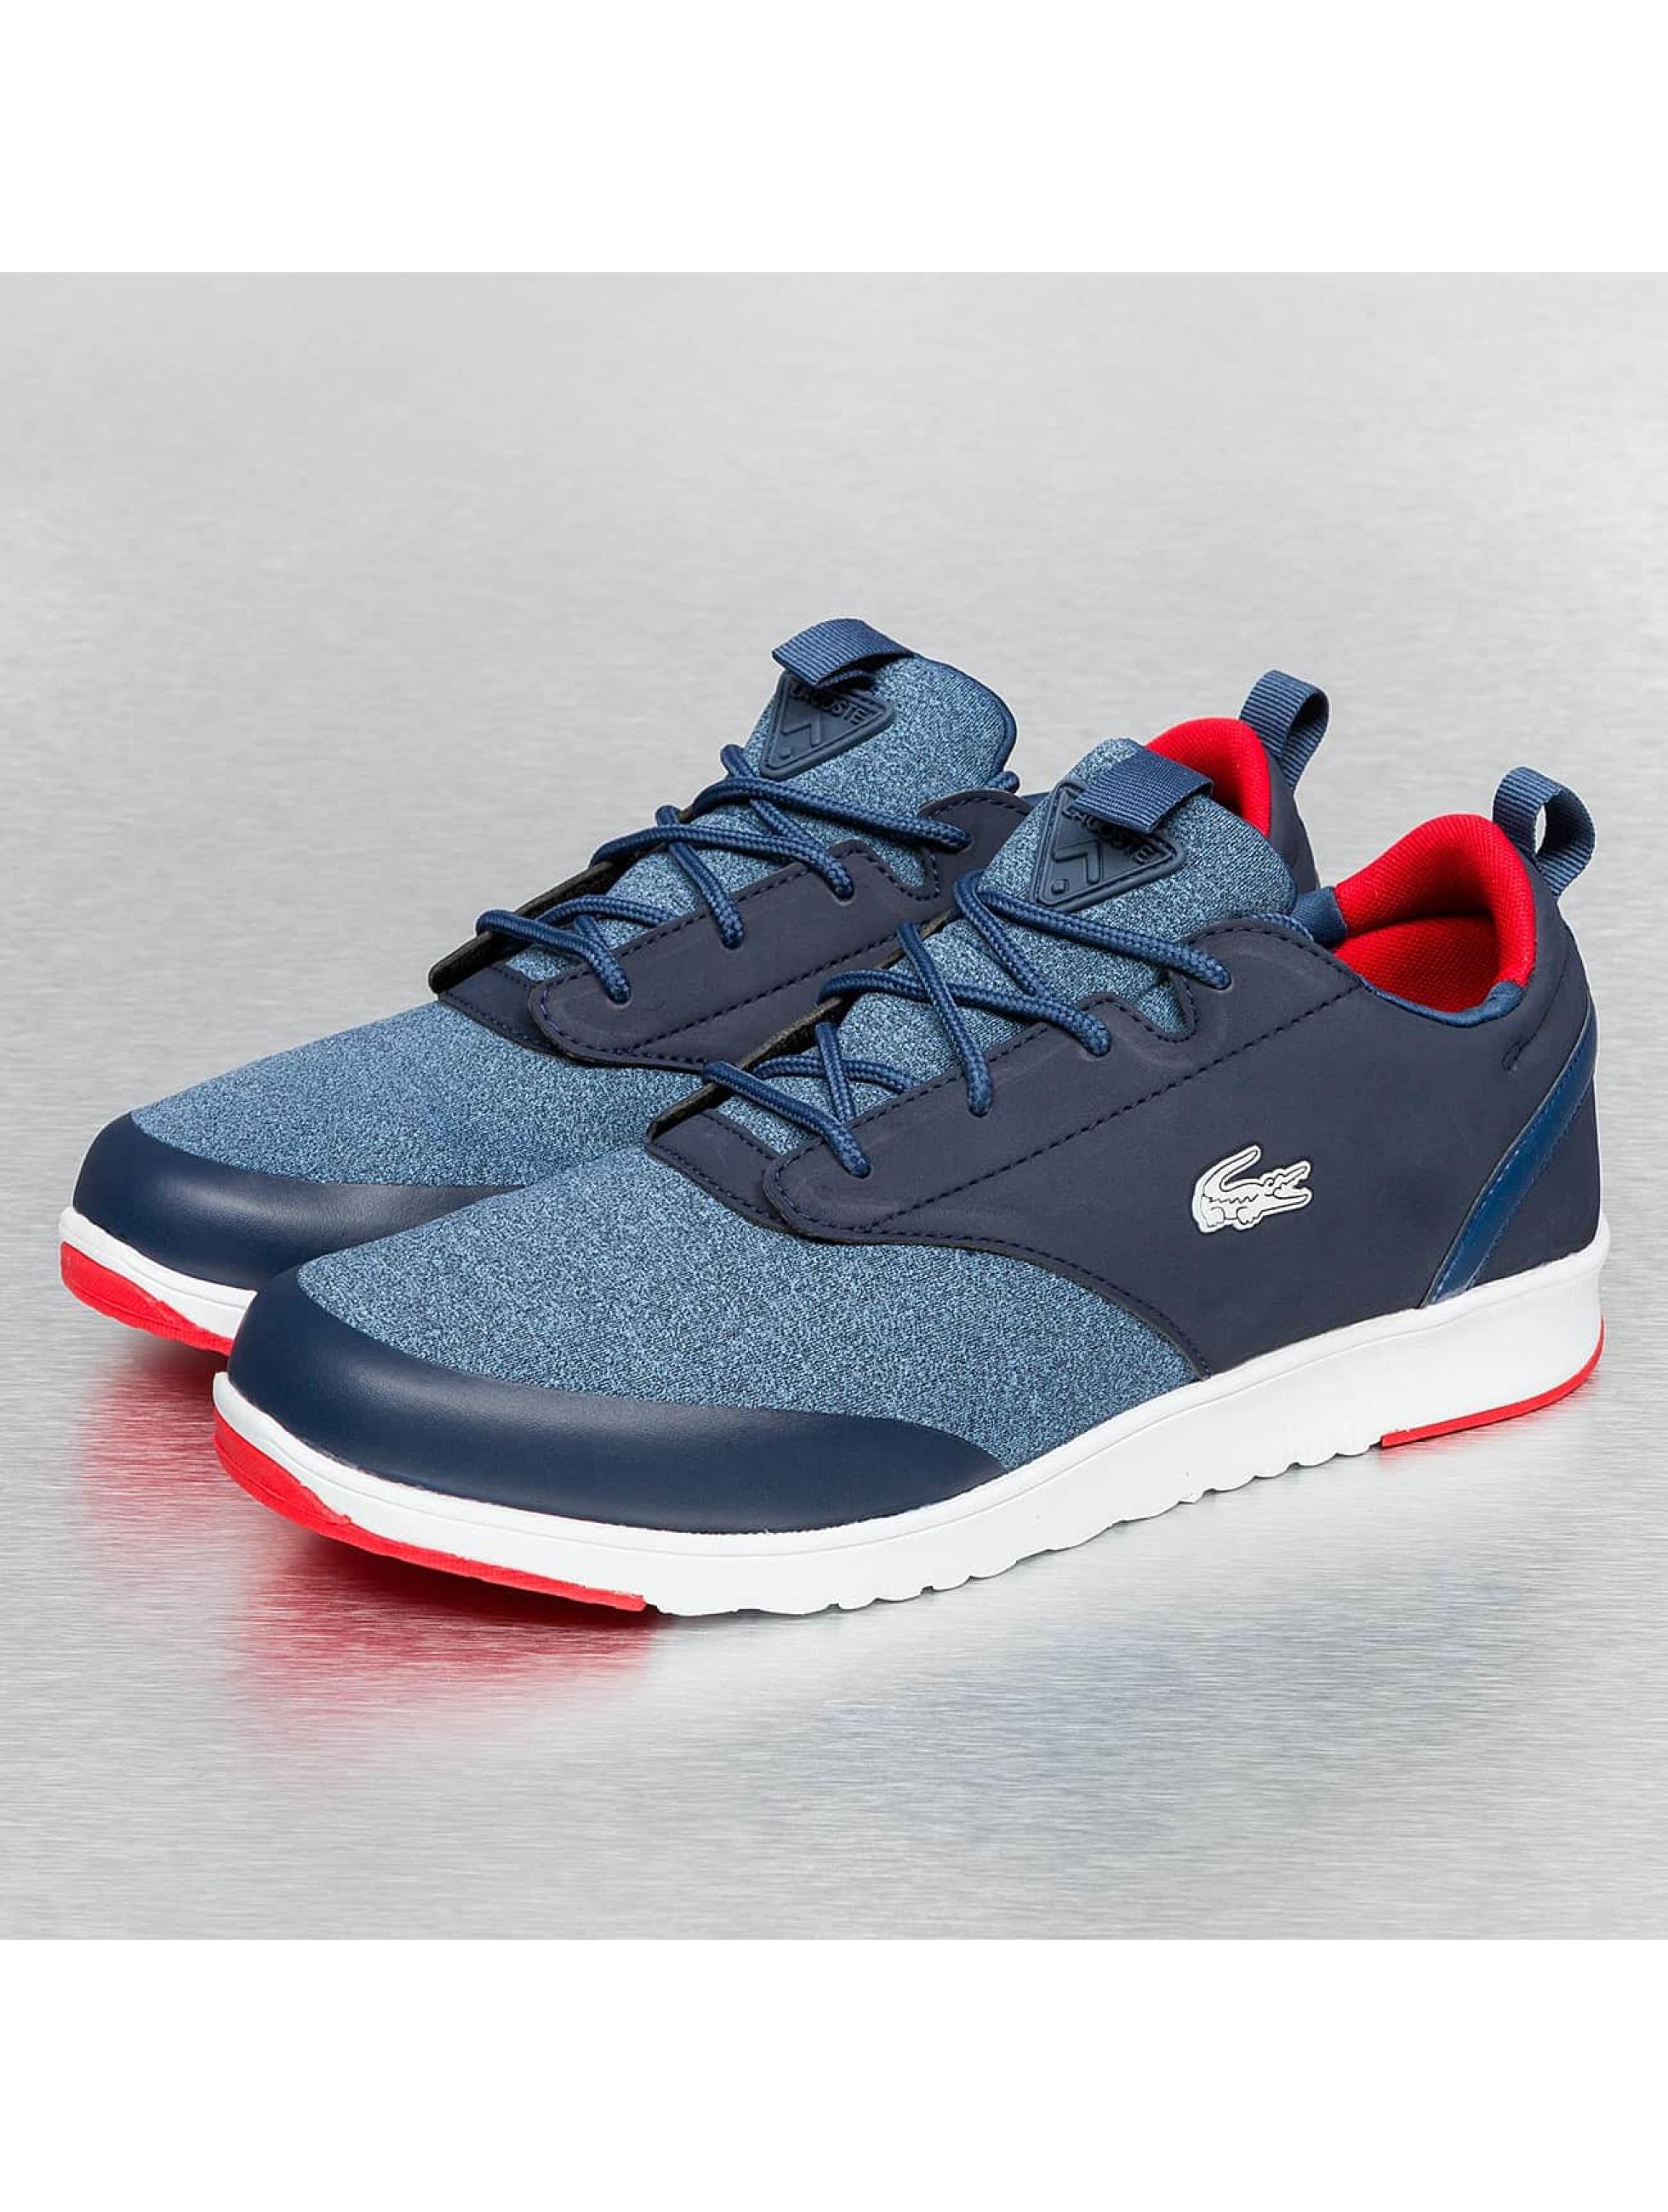 lacoste sneaker light 20 wmp spm in blau 208298